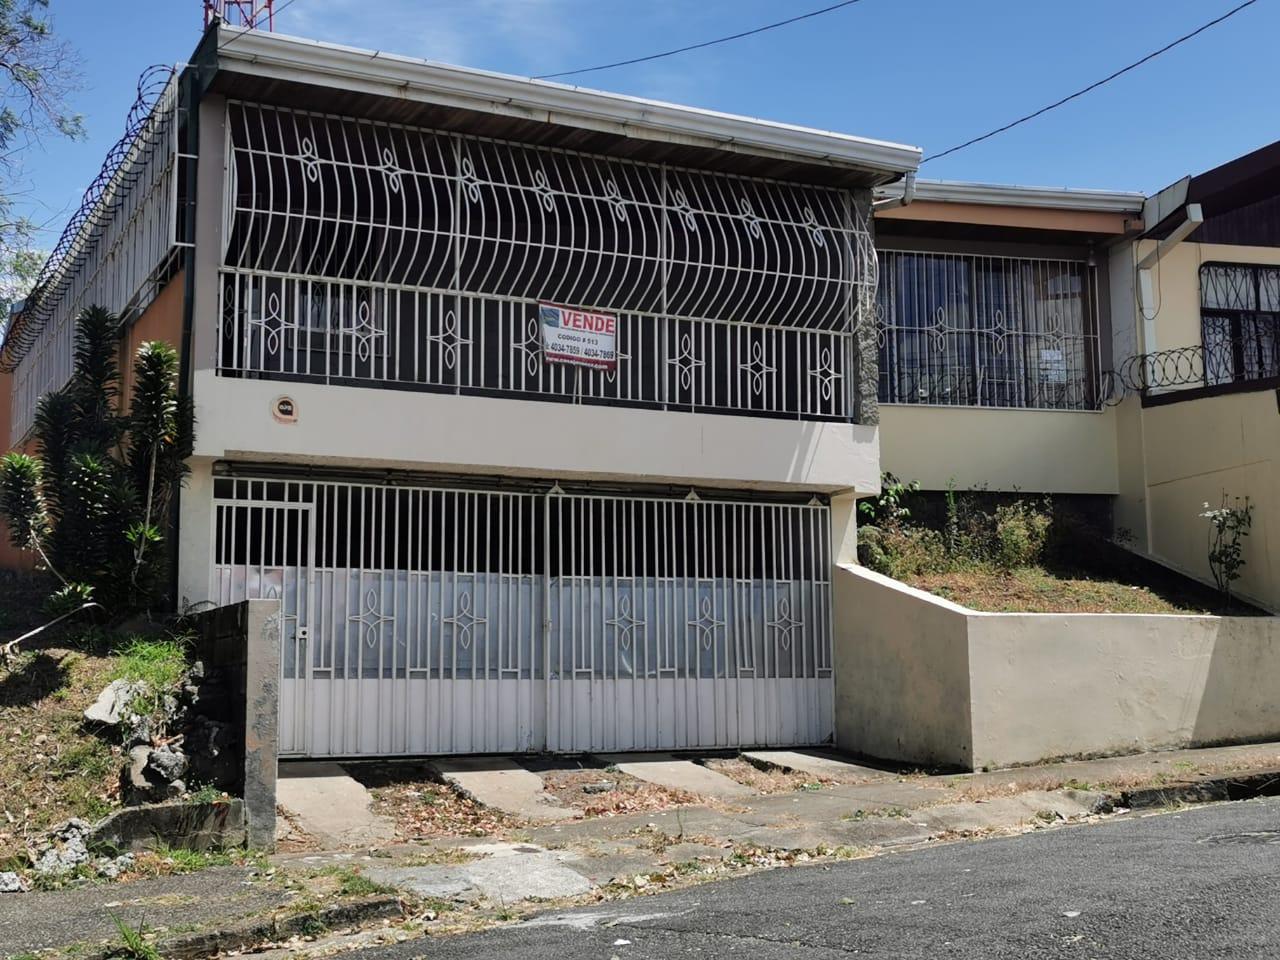 513 Se Vende Casa en Rohrmoser. Cerca del Colegio Humboldt